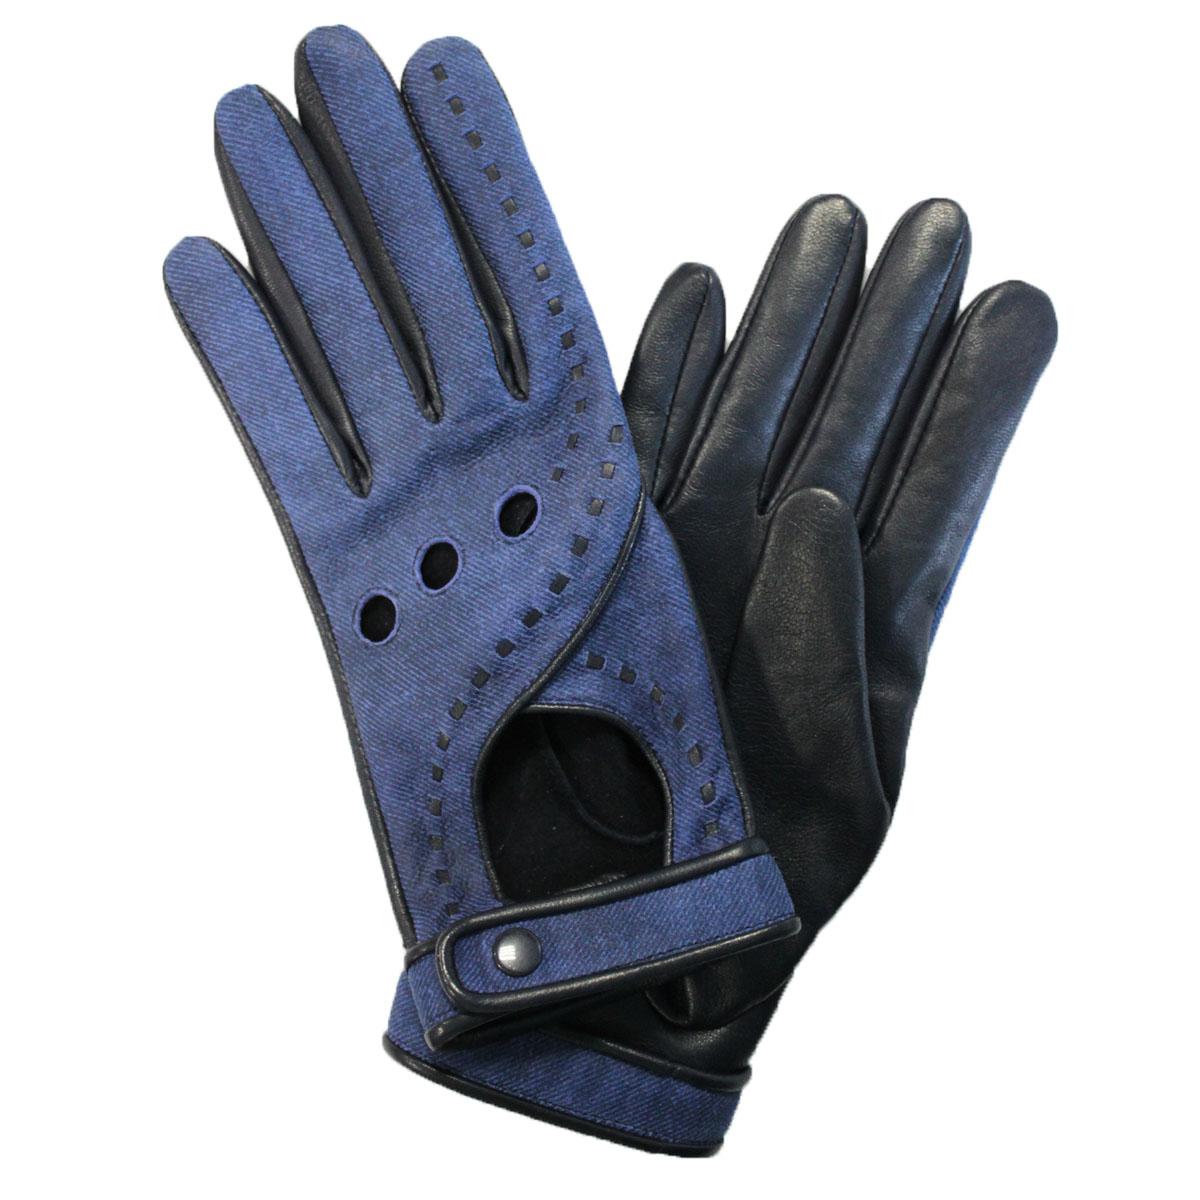 Перчатки женские без подкладки. Э-20L_212Э-20L_212Стильные женские перчатки Edmins не только защитят ваши руки от холода, но и станут великолепным украшением. Перчатки выполнены из натуральной кожи ягненка. В настоящее время перчатки являются неотъемлемой принадлежностью одежды, вместе с этим аксессуаром вы обретаете женственность и элегантность. Перчатки станут завершающим и подчеркивающим элементом вашего стиля и неповторимости.